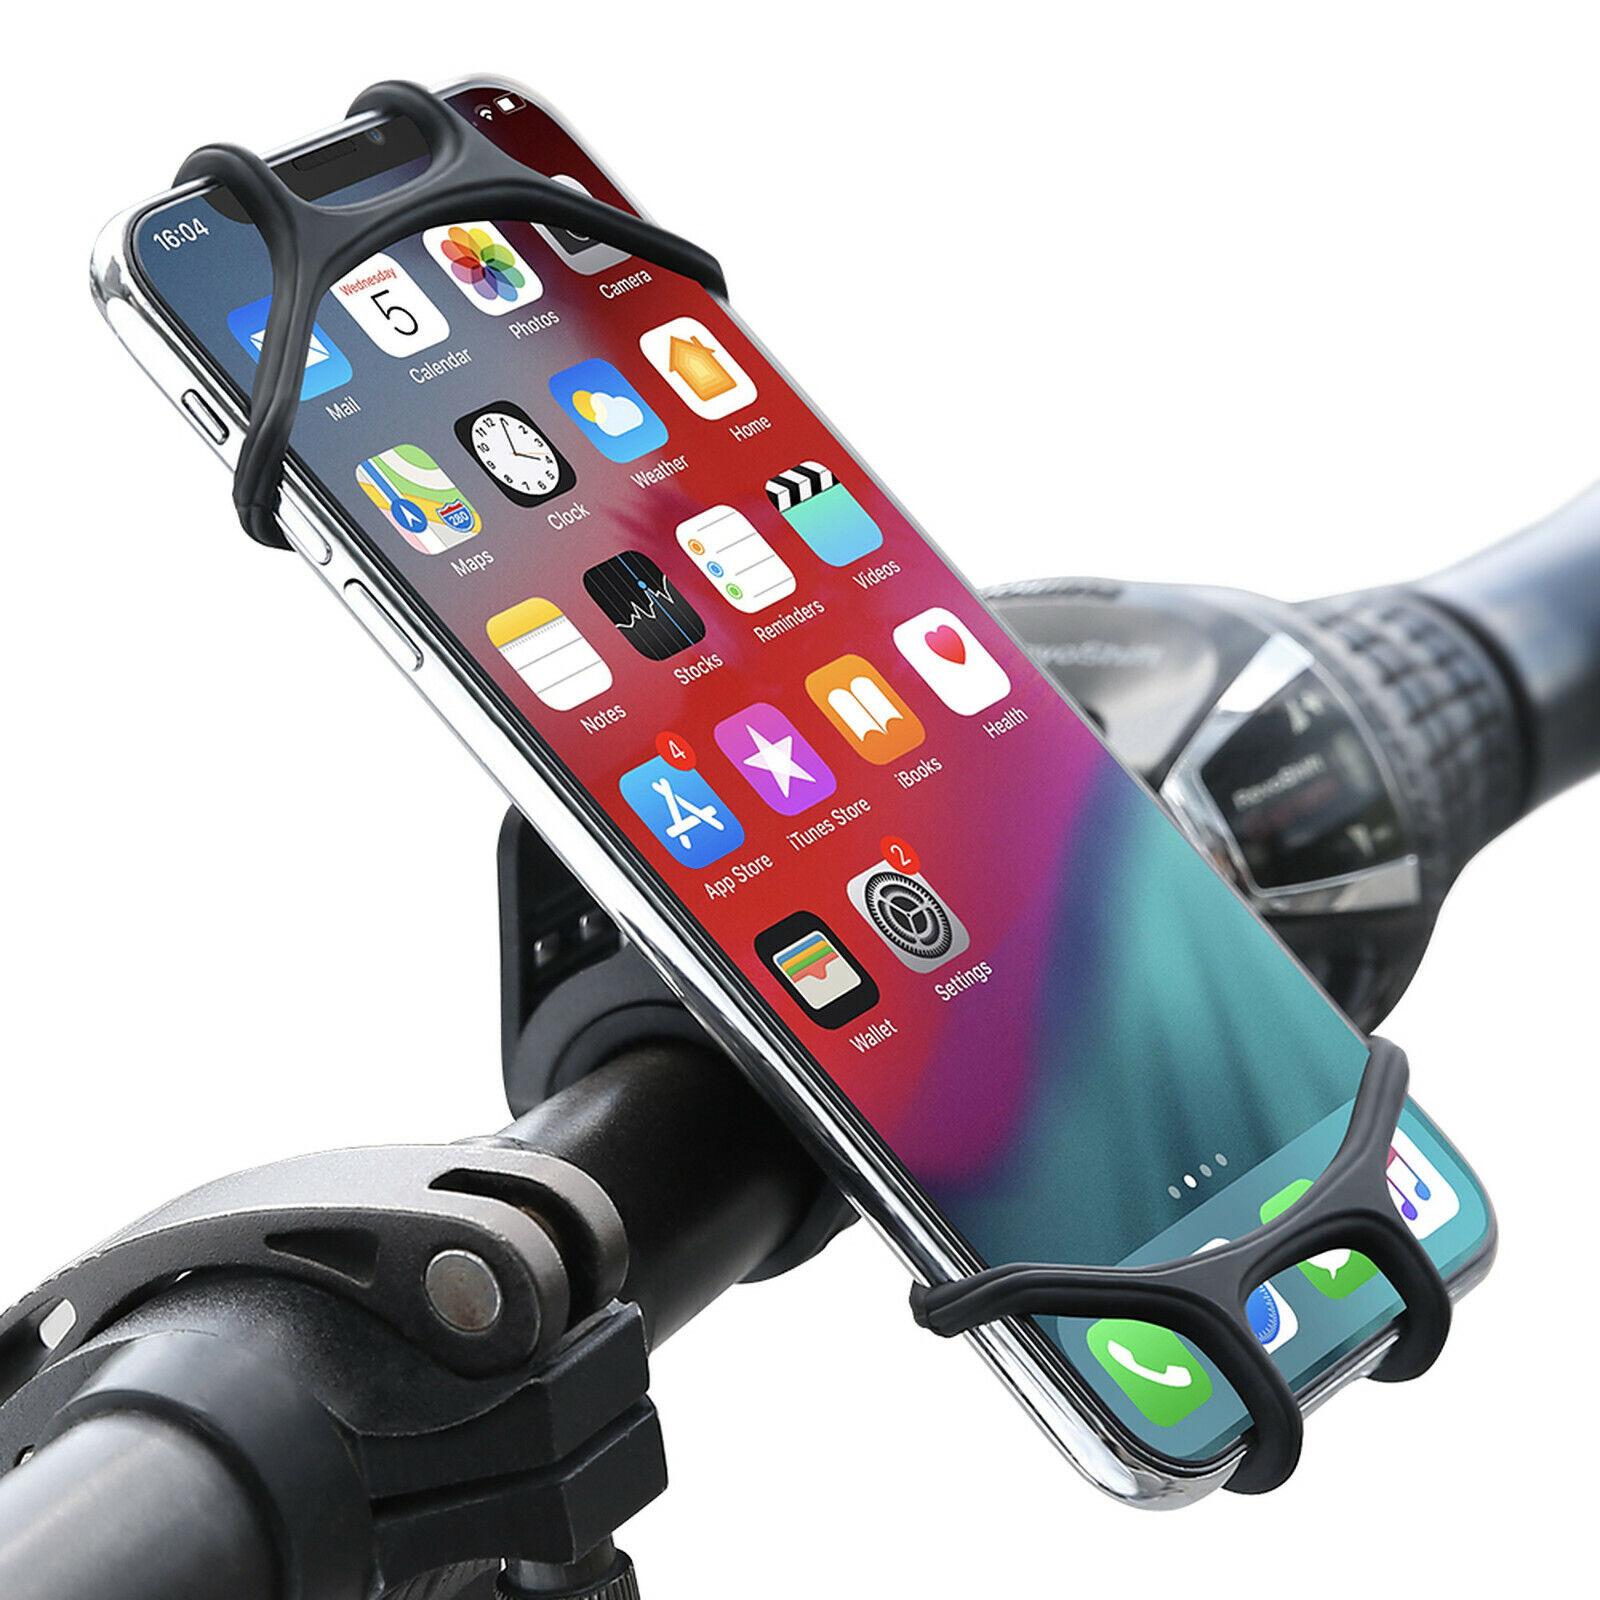 Handyhalterung Fahrrad Motorrad Silikon Universal Lenker Handy Halterung Halter